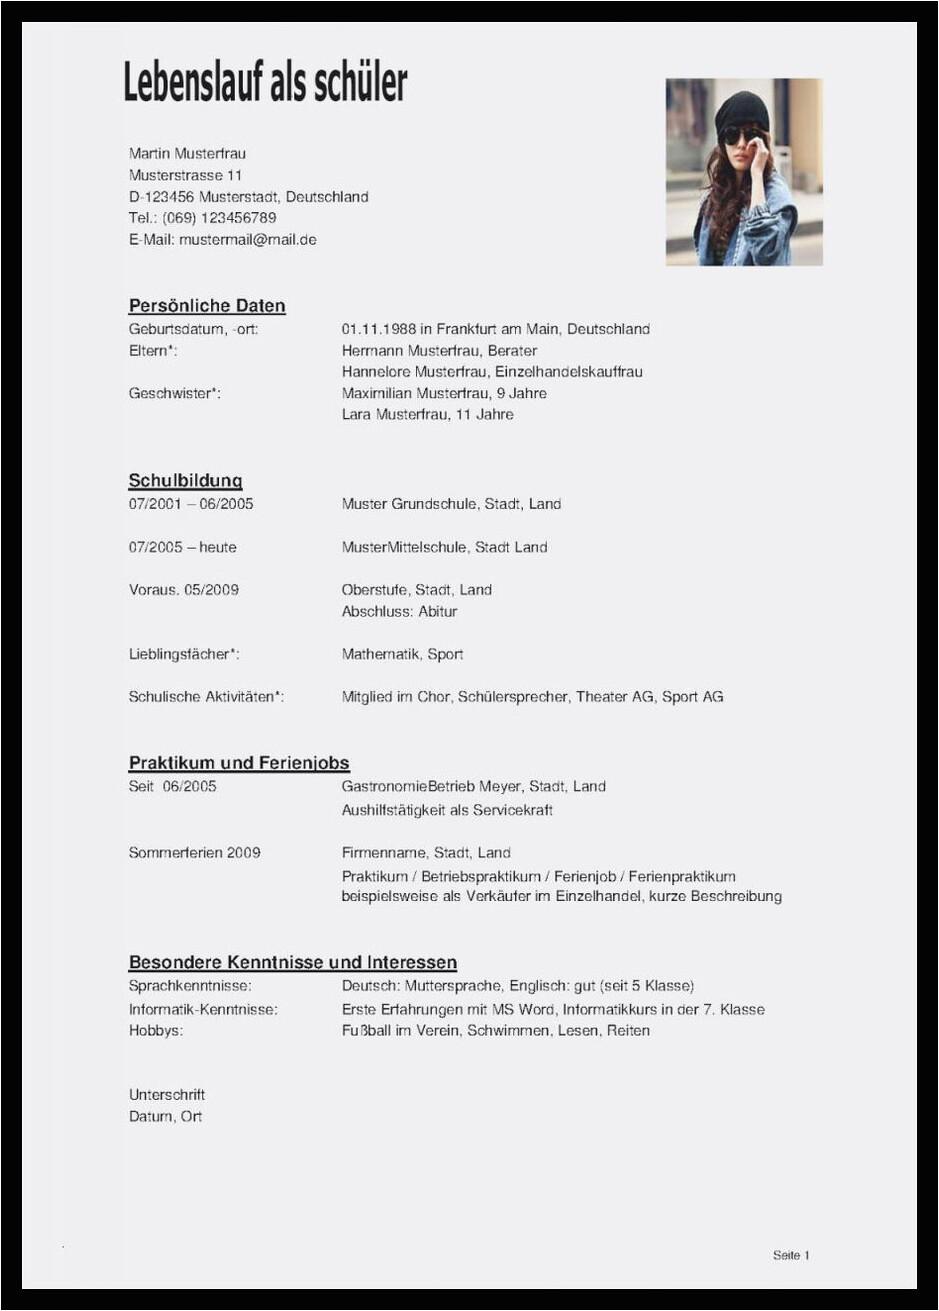 bewerbung hobbys beispiele formulieren lebenslauf interessen anschreiben im tiere muster 22 arzt englisch tabellarischer bewerbungsmappe mit deckblatt